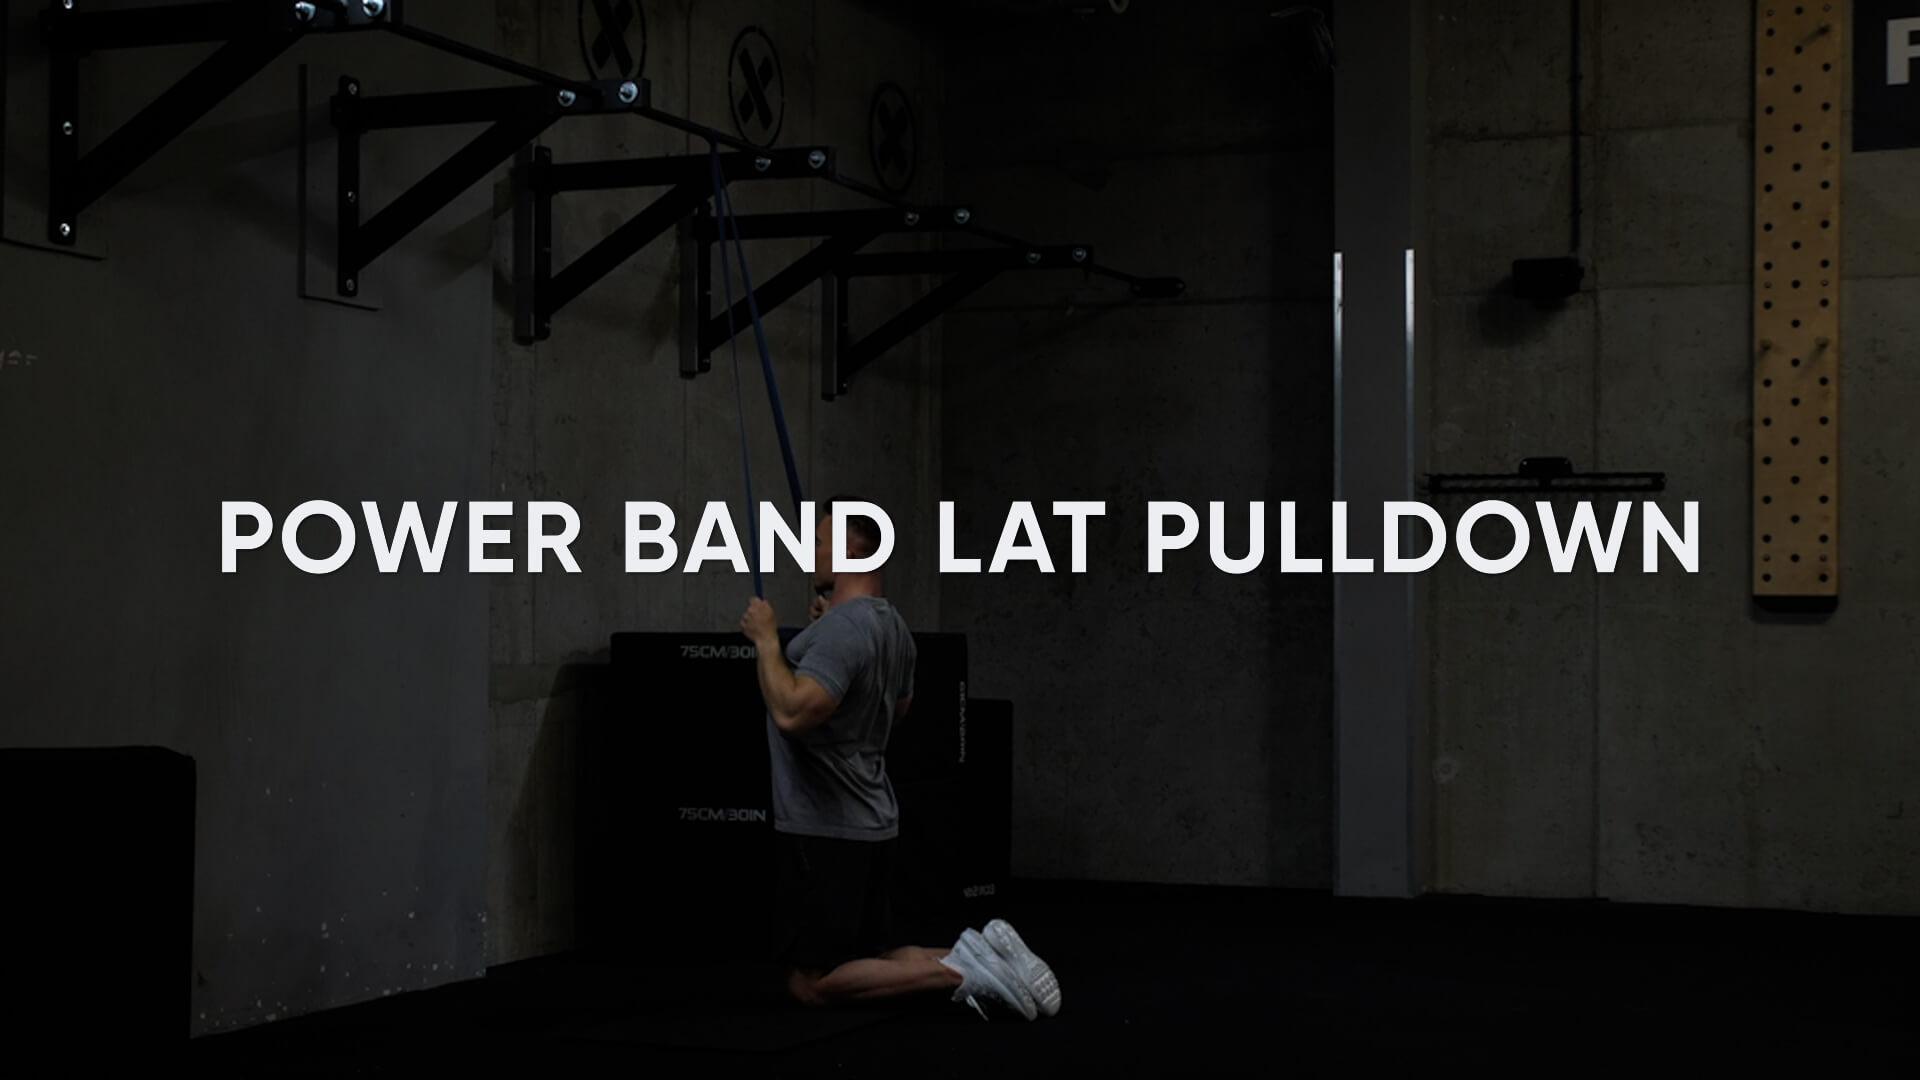 Power Band Lat Pulldown